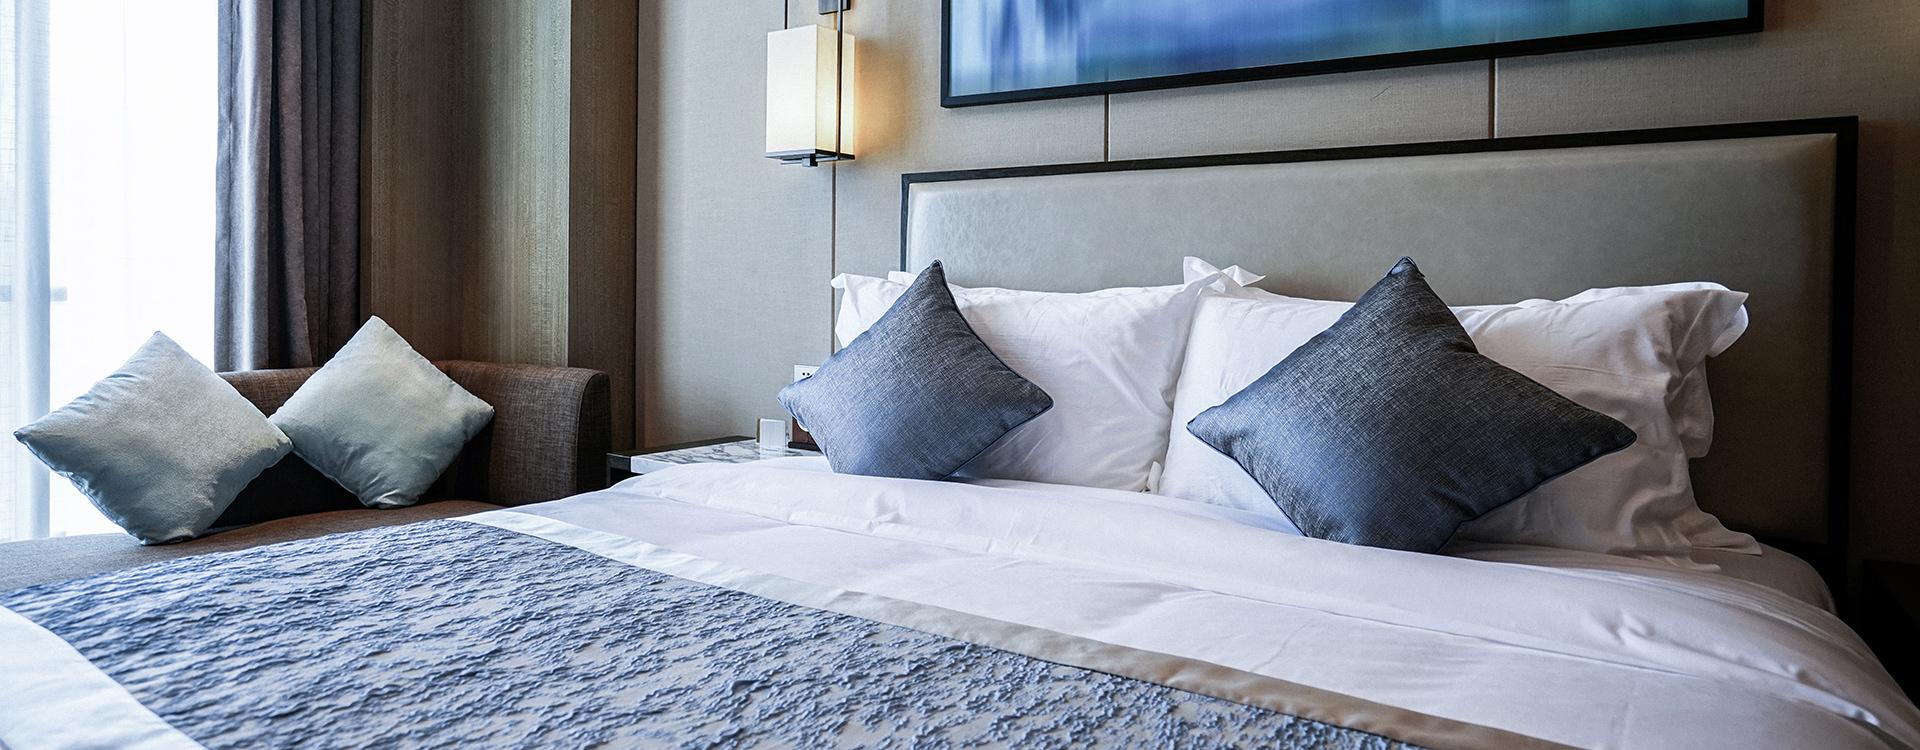 Die Besten Matratzenarten Für Hotels Pflegeheime